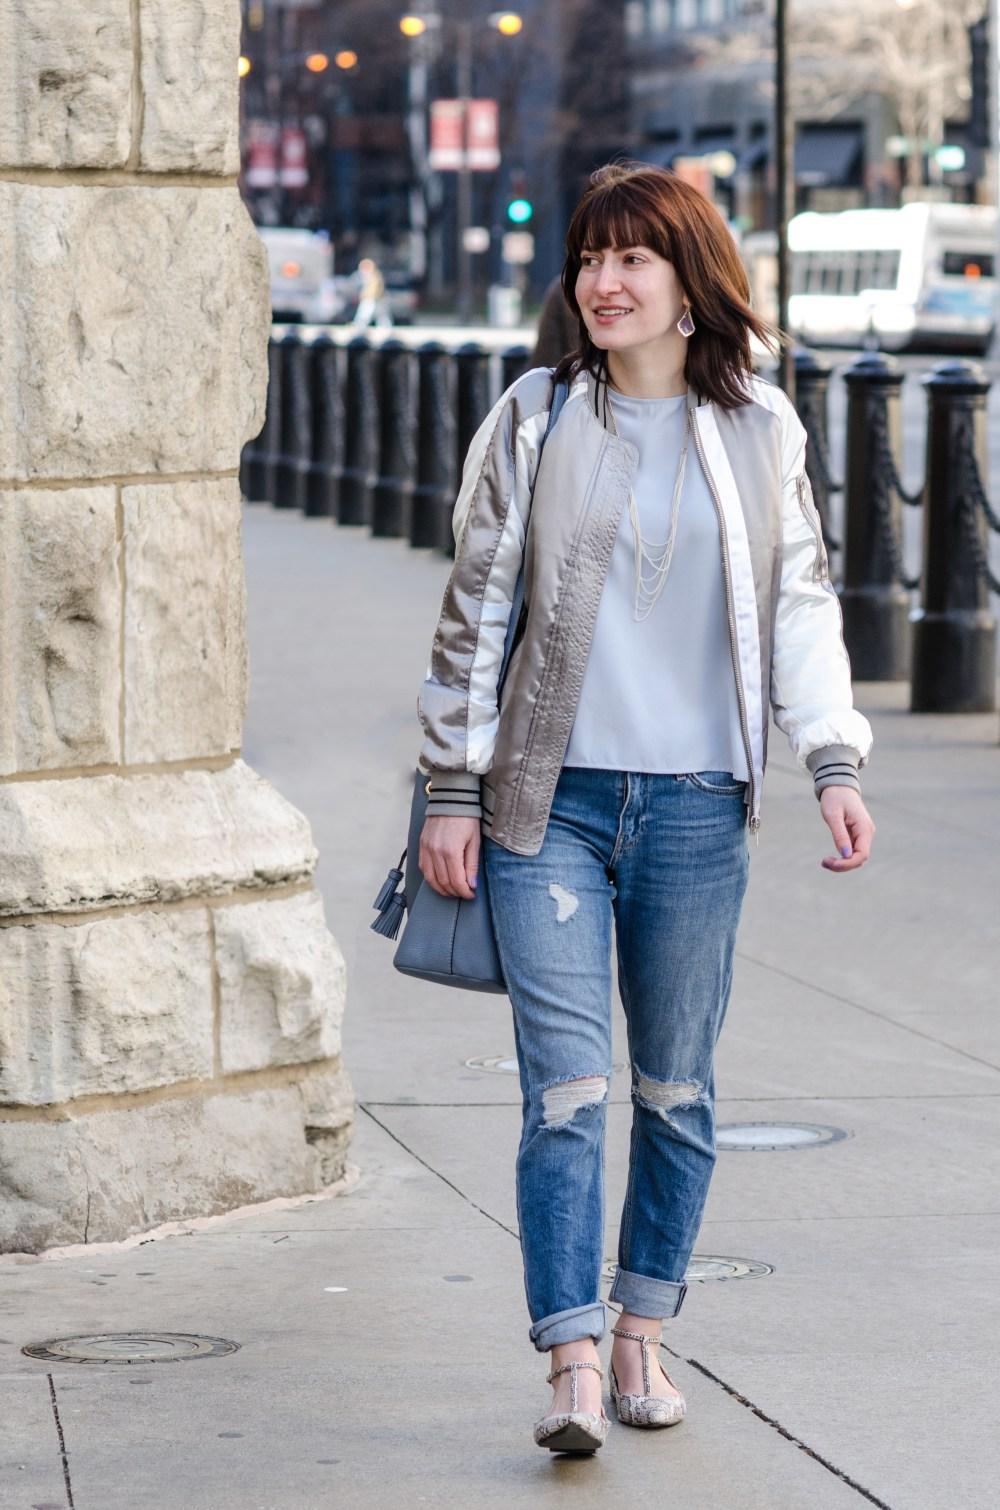 The Comfiest Topshop Boyfriend Jeans